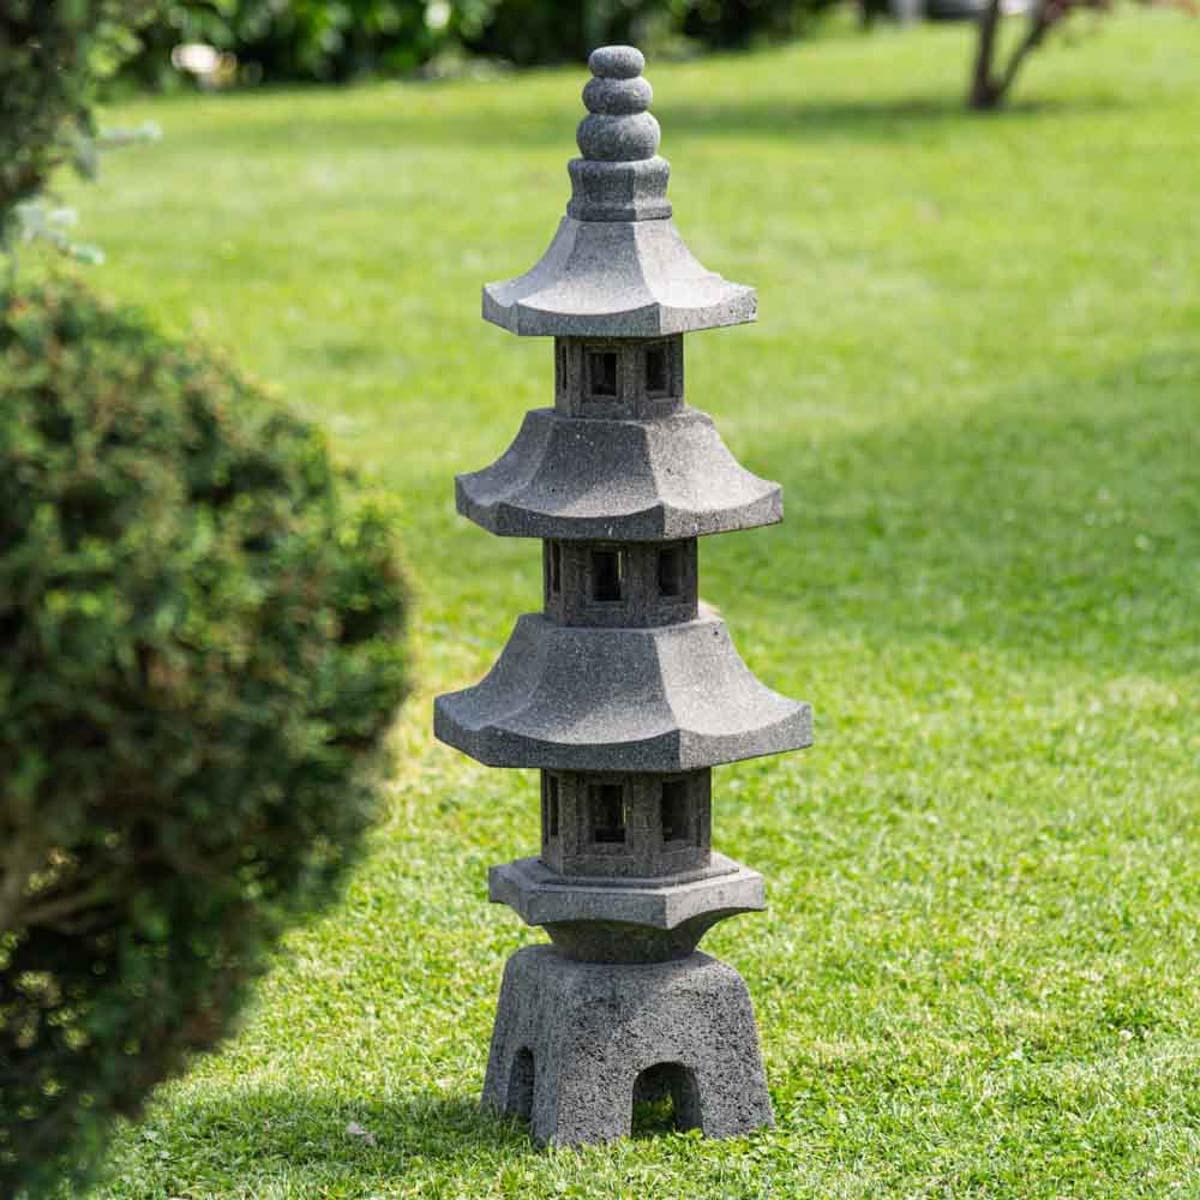 Wanda Collection Lanterne japonaise pagode en pierre de lave jardin zen 100 cm